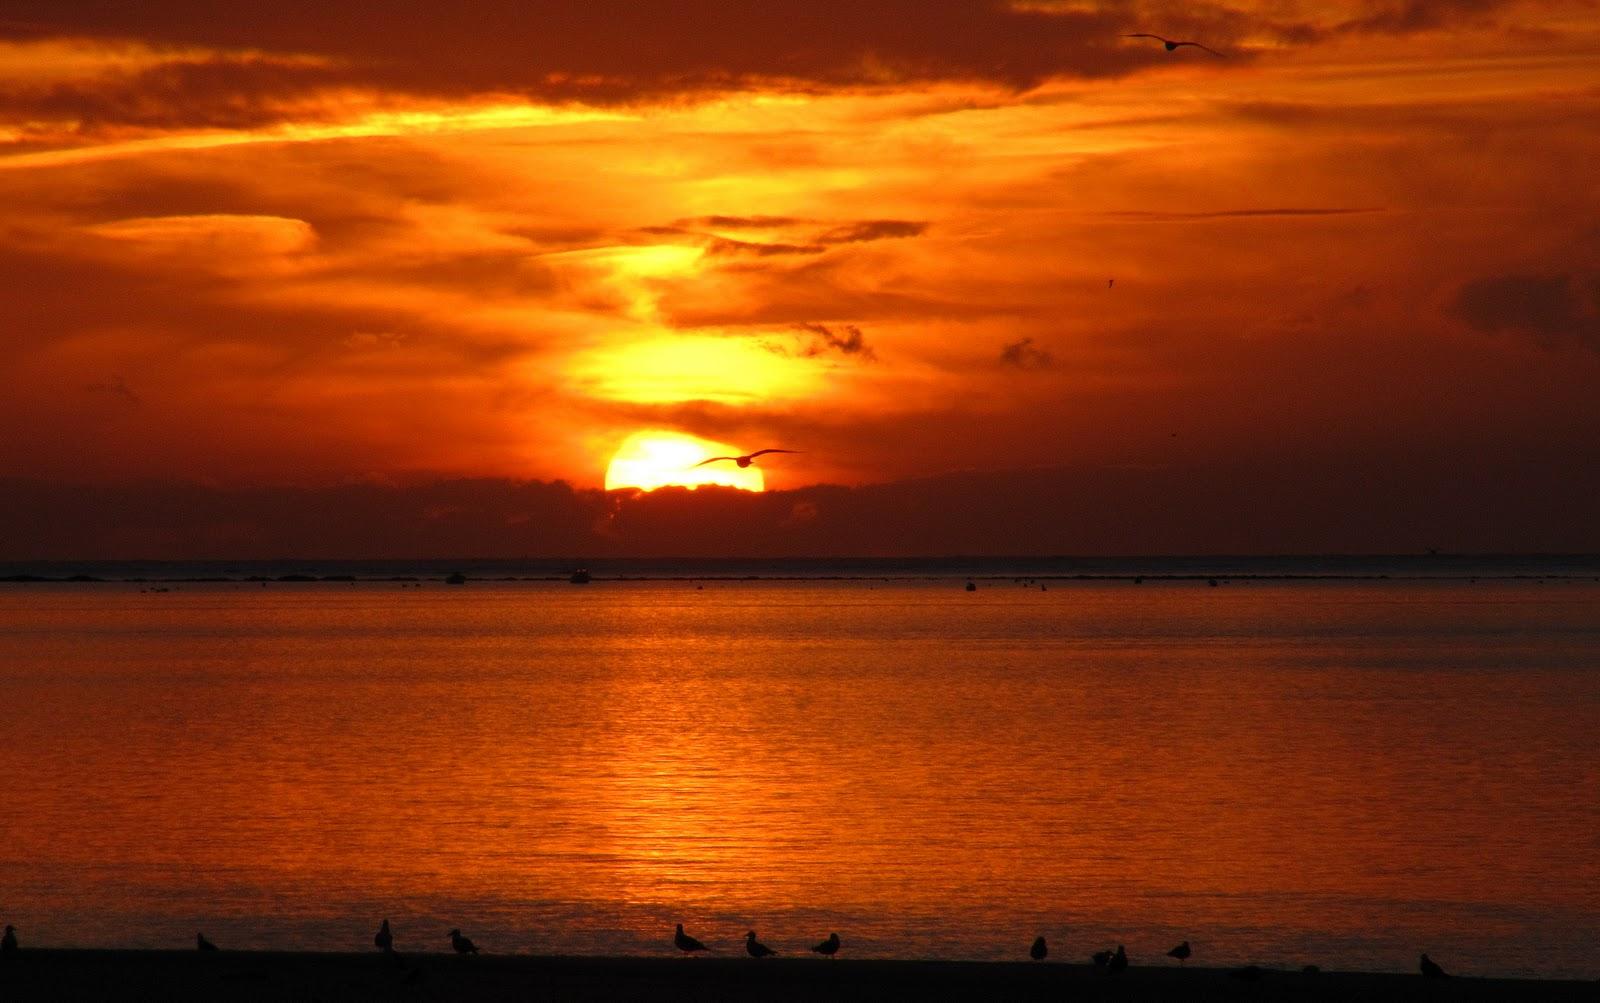 Atardecer puesta de sol ocaso fotos de orel for Puesta de sol